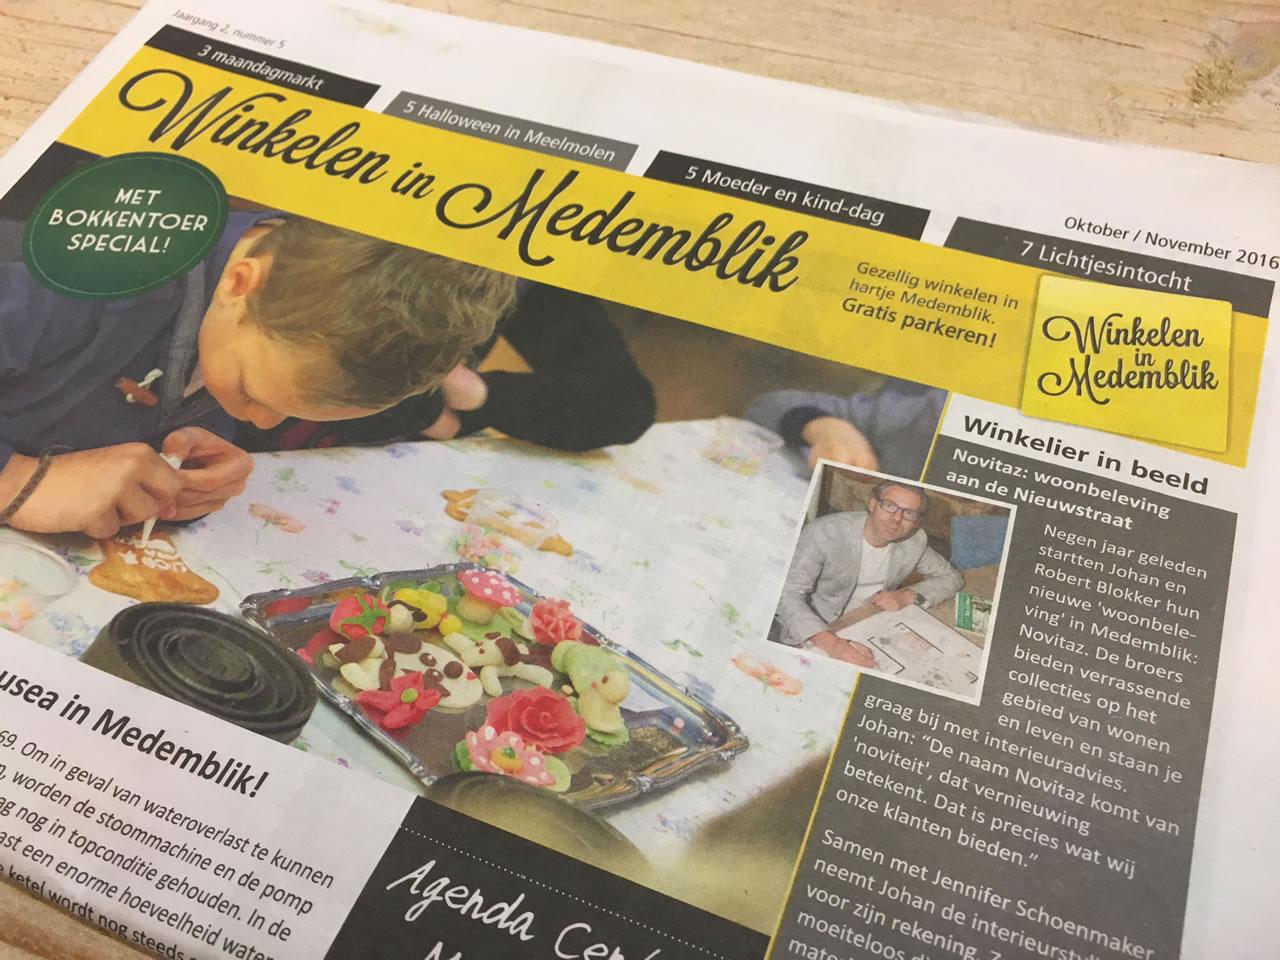 PC Reclame - Winkelen in Medemblik krant oktober -november